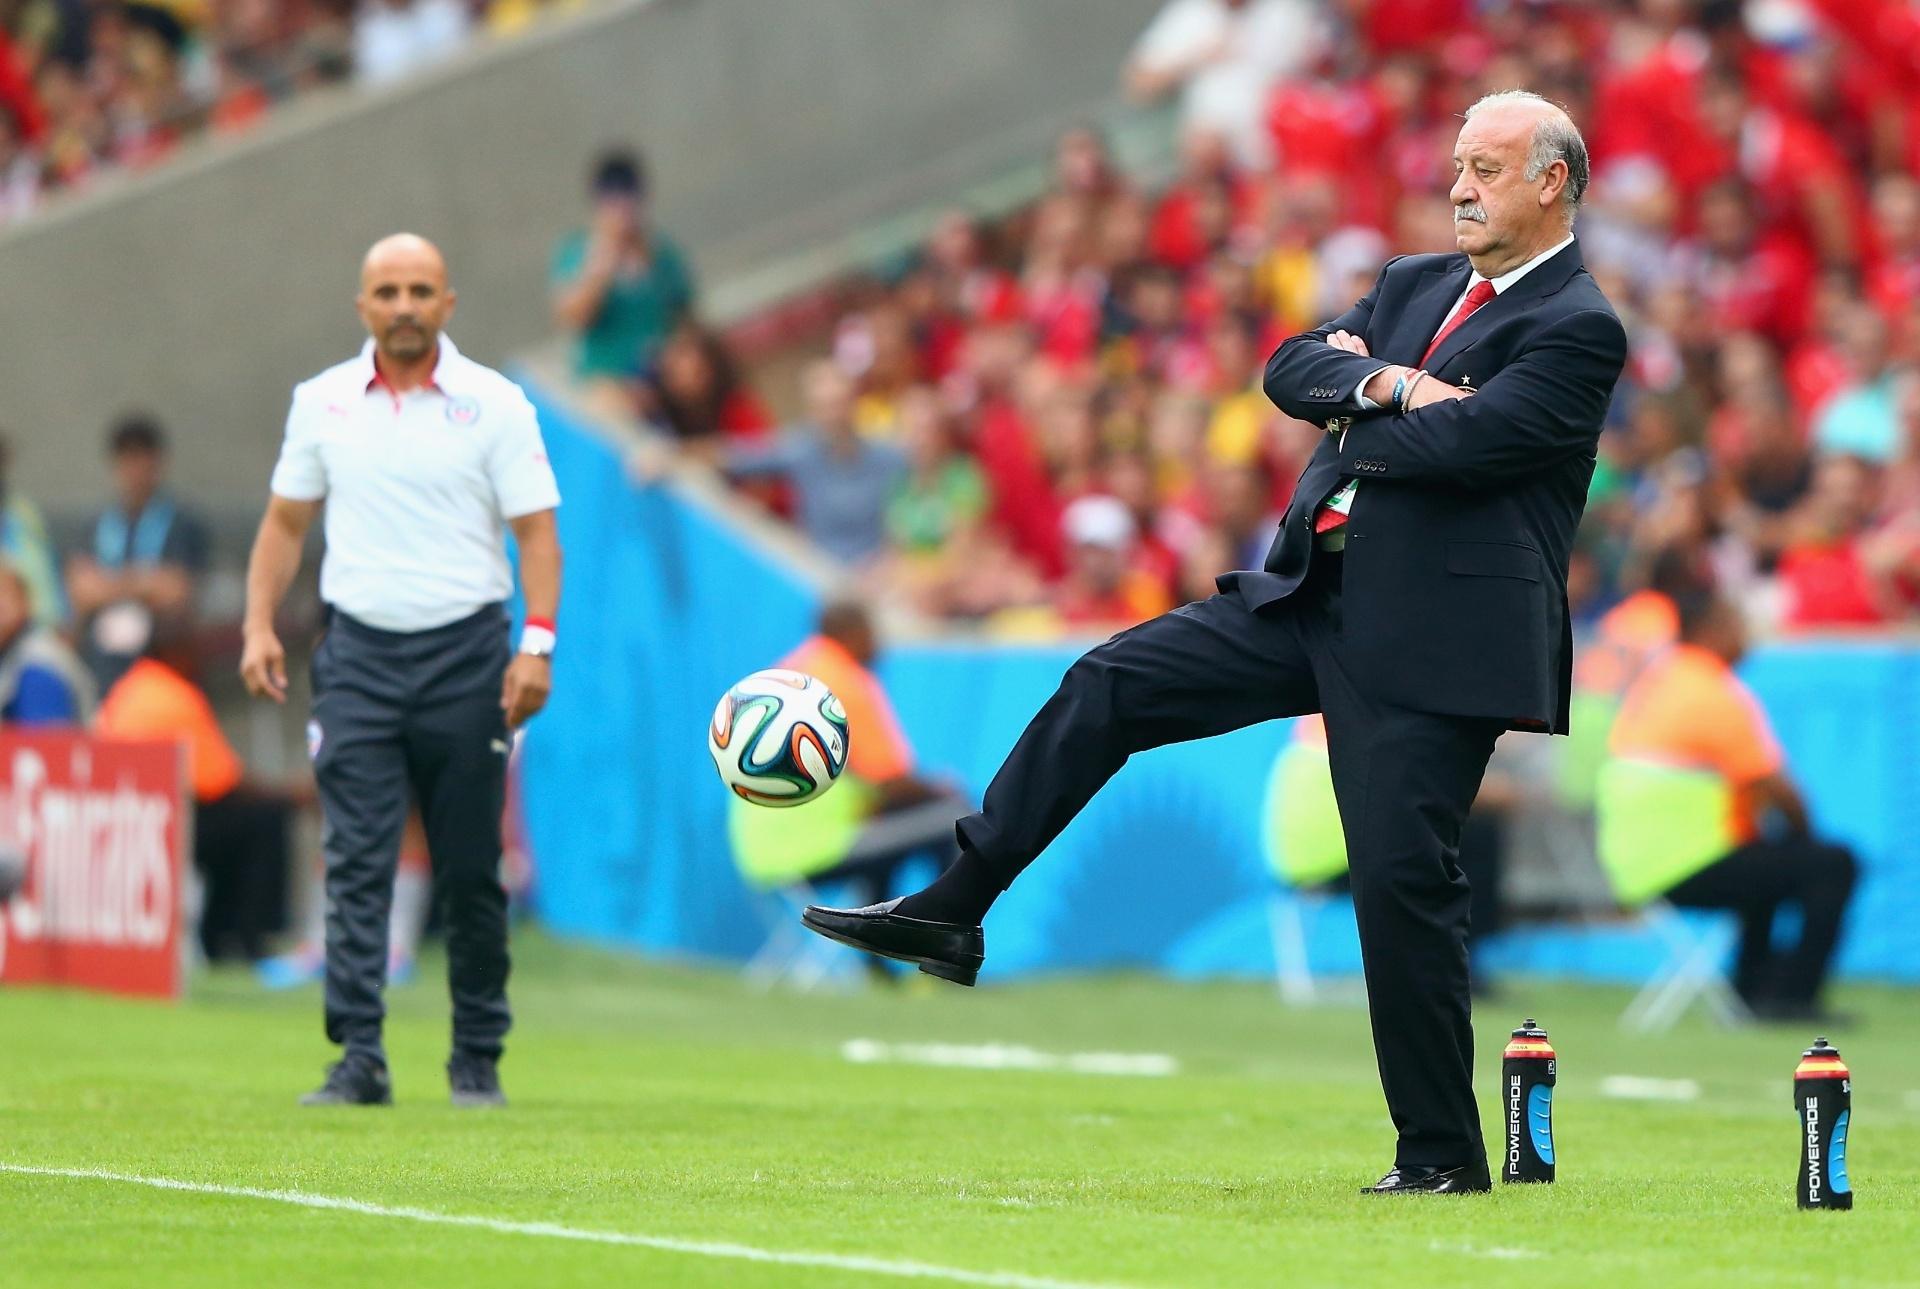 Técnico espanhol Vicente del Bosque mostra habilidade ao matar bola durante o jogo contra o Chile